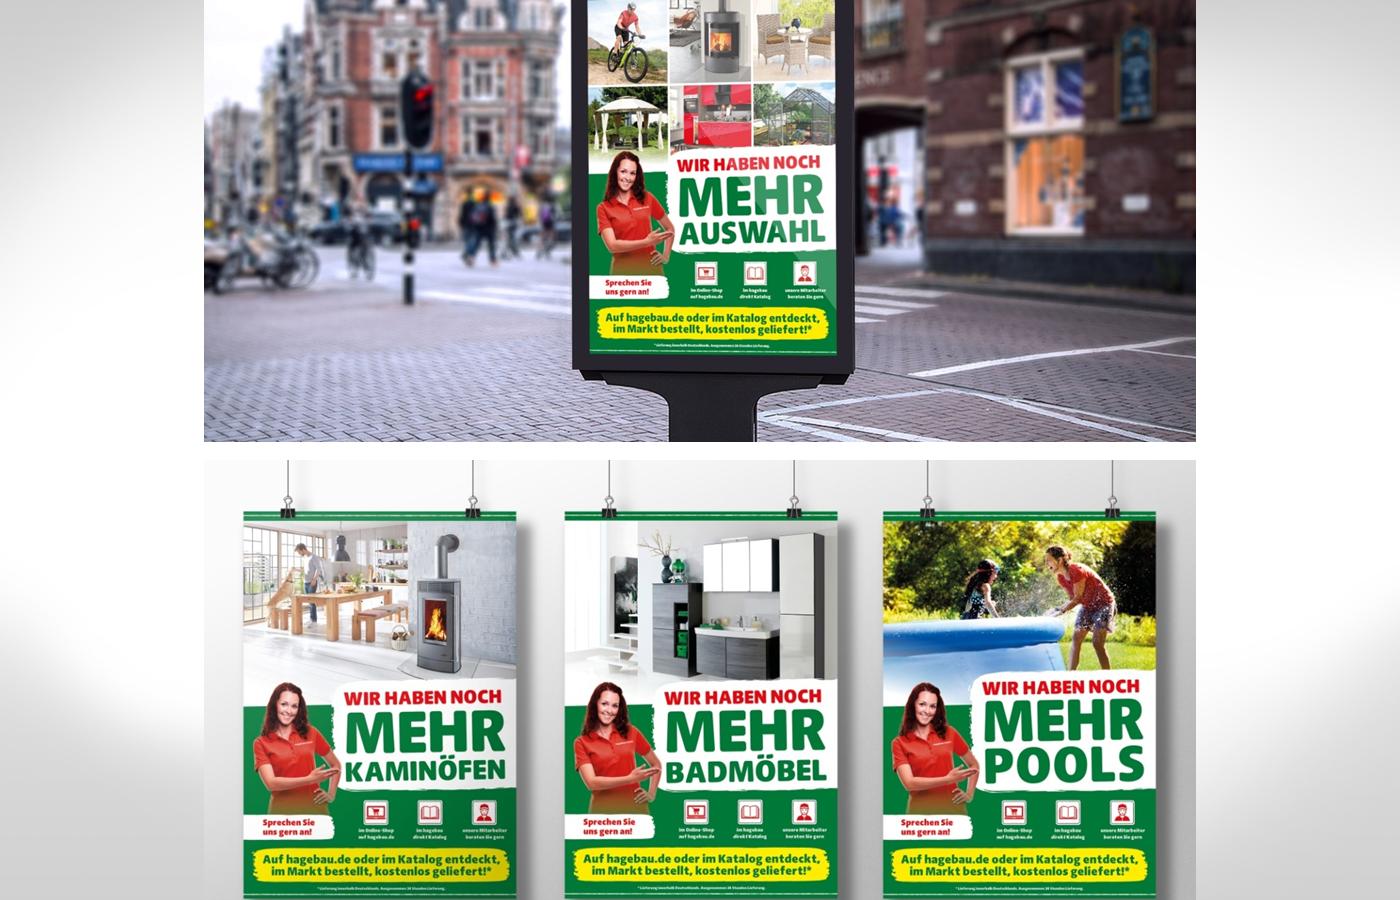 Baumarkt direkt – Optimierung der Werbemittel